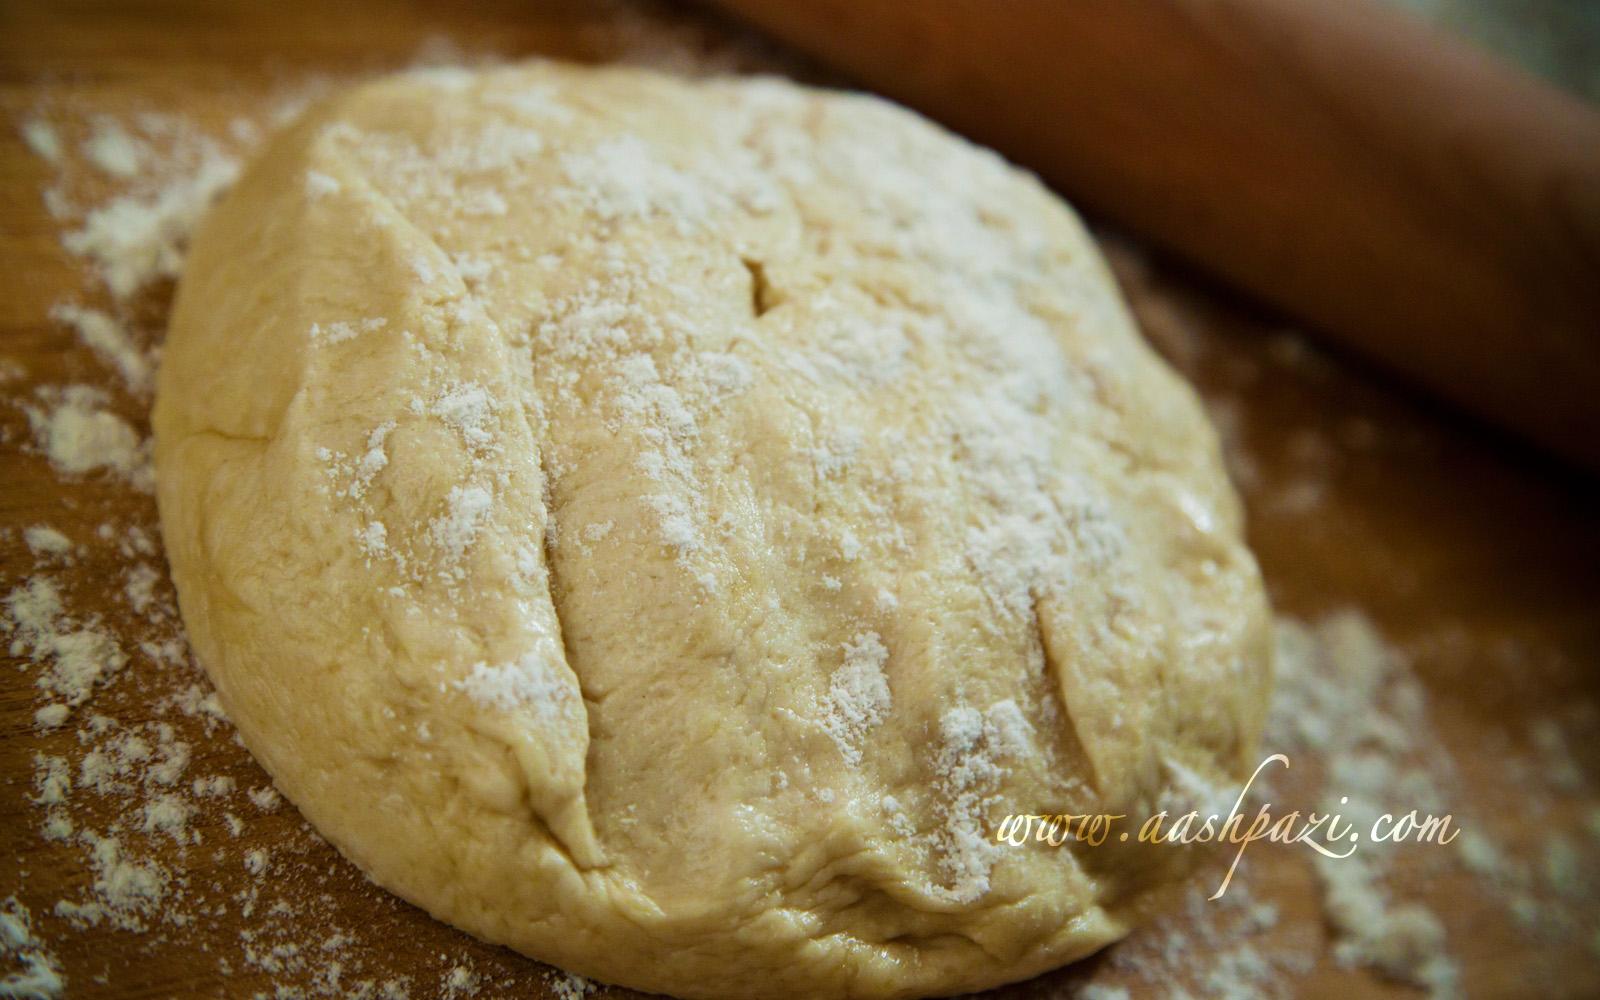 pizza dough whole wheat pizza dough homemade pizza dough all purpose ...